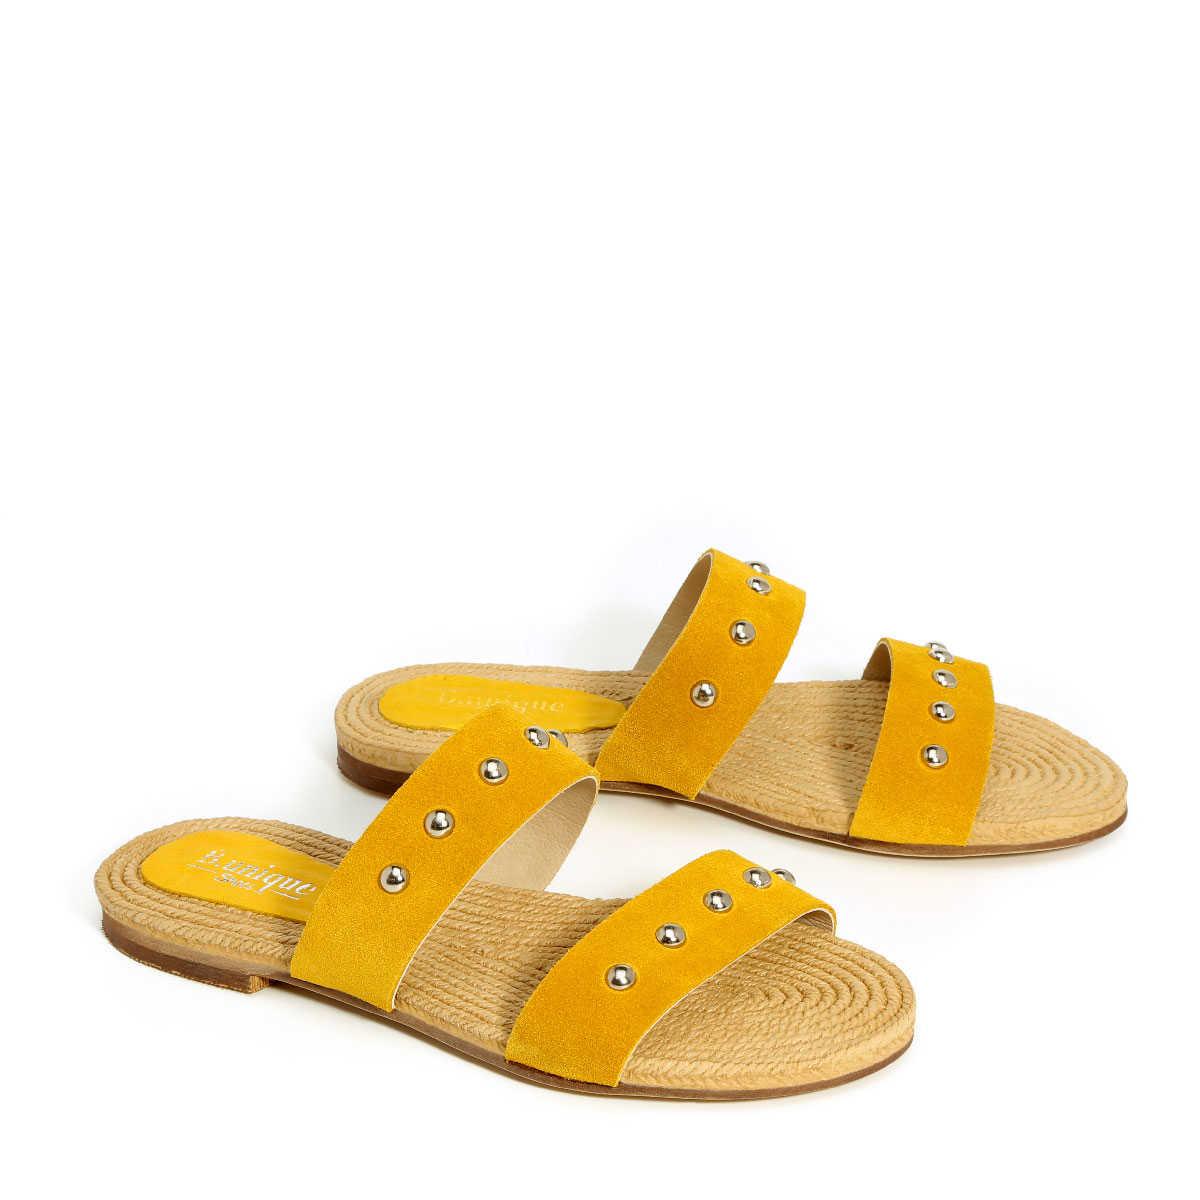 בלעדי לאתר - דגם קורל: כפכפים בצבע צהוב